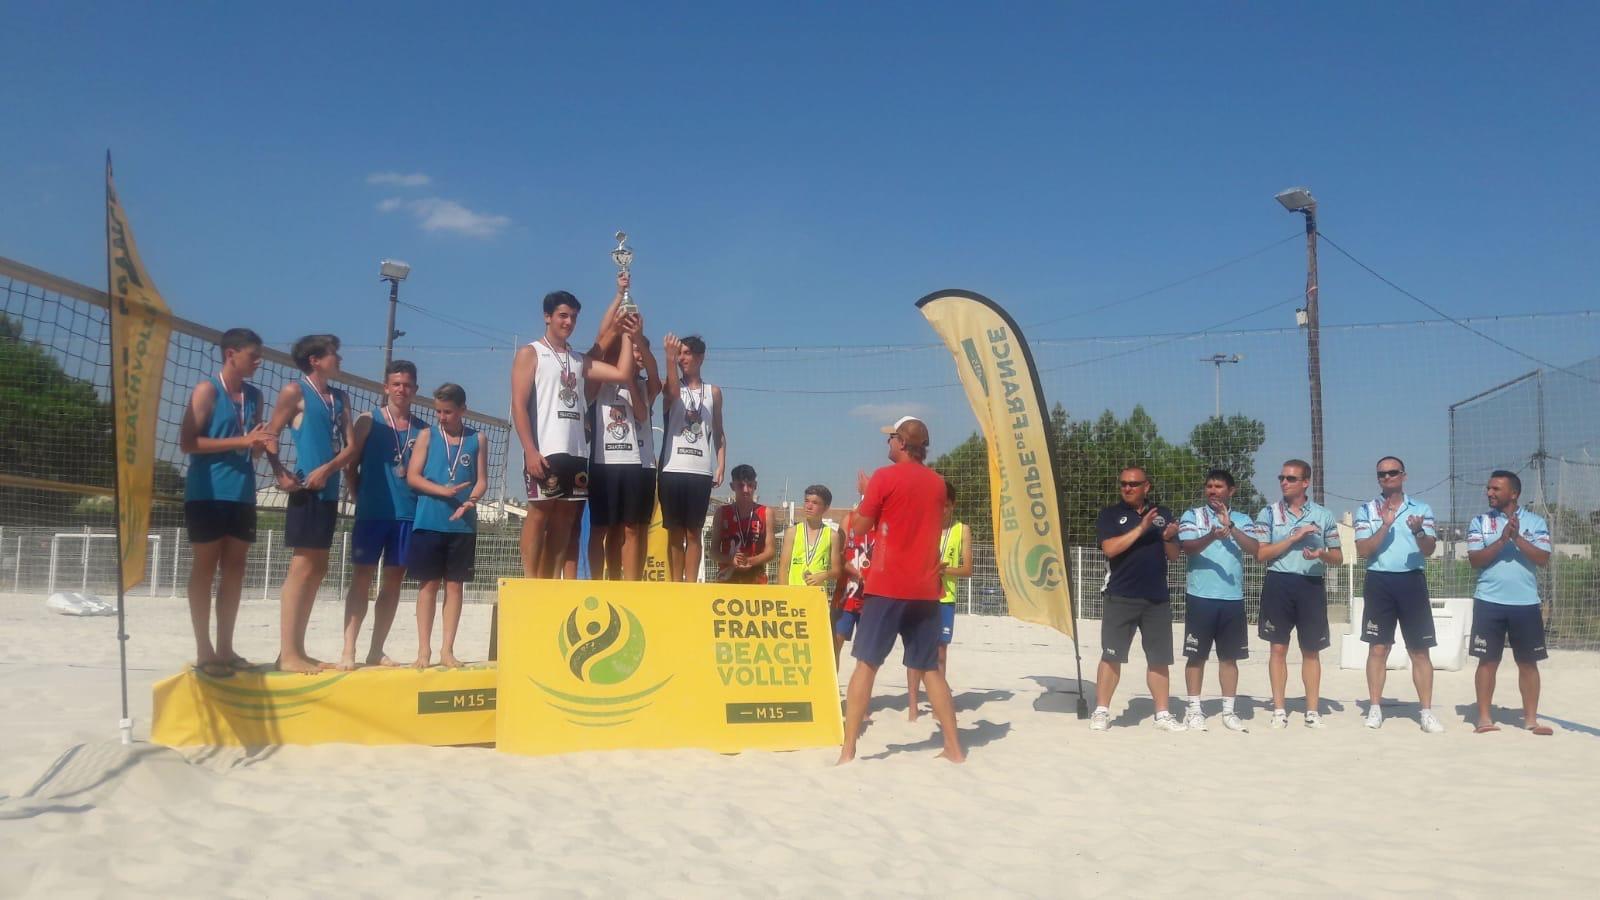 M15 coupe de france de beach volley c n m charenton volley ball - Coupe de france de volley ...